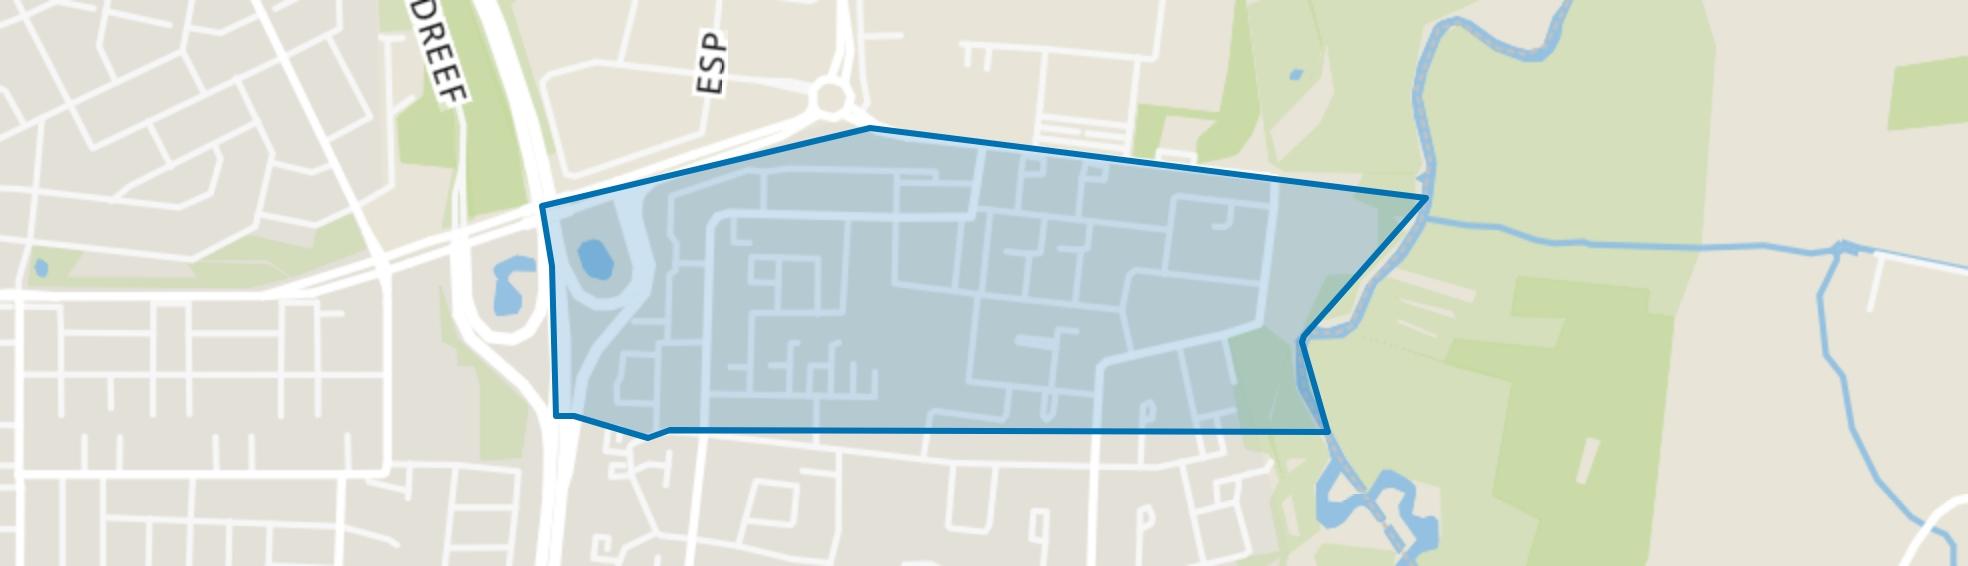 Heesterakker, Eindhoven map